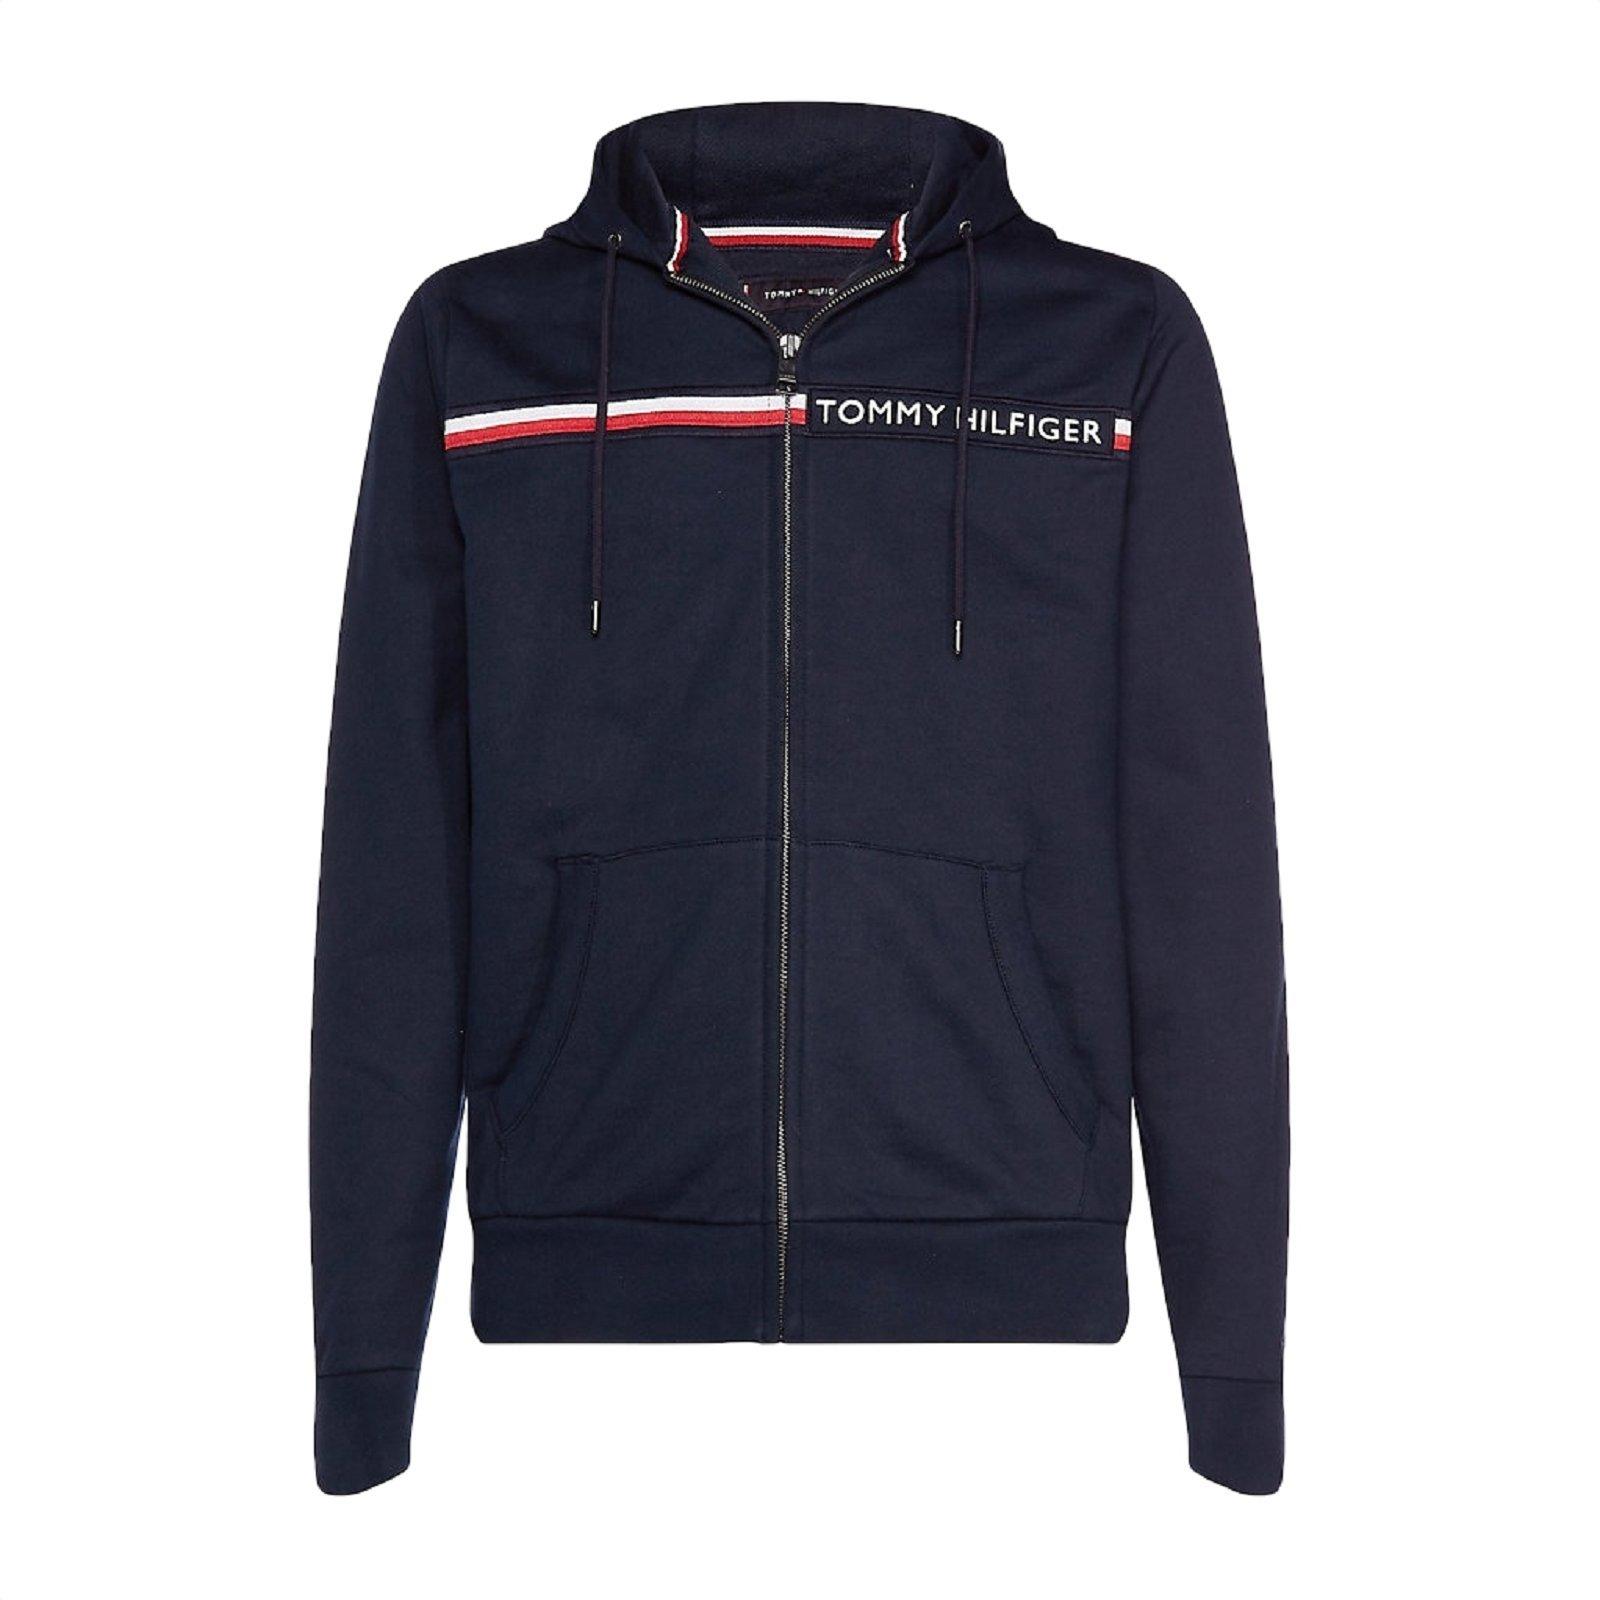 8660cd0f57a0d Sweat zippé à capuche et bande emblématique. Sweat zippé à capuche de  couleur marine pour homme de la marque Thommy Hilfiger :